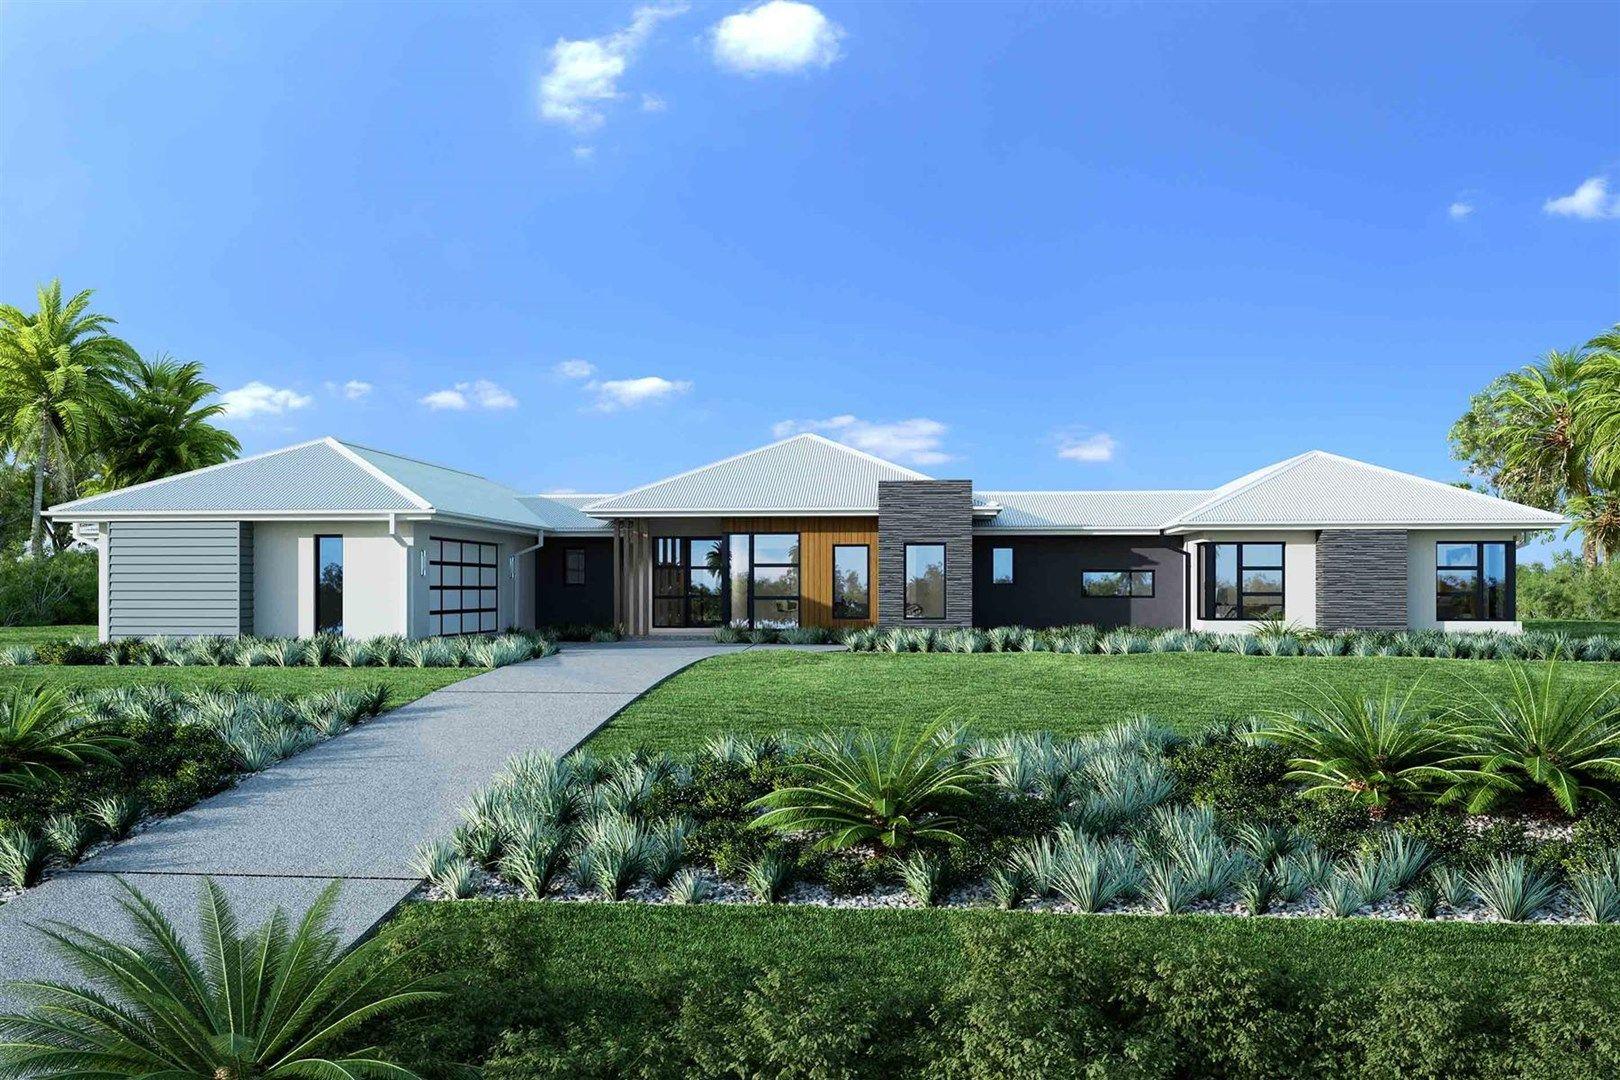 Lot 3, 312 Halcrows Road, Glenorie NSW 2157, Image 0